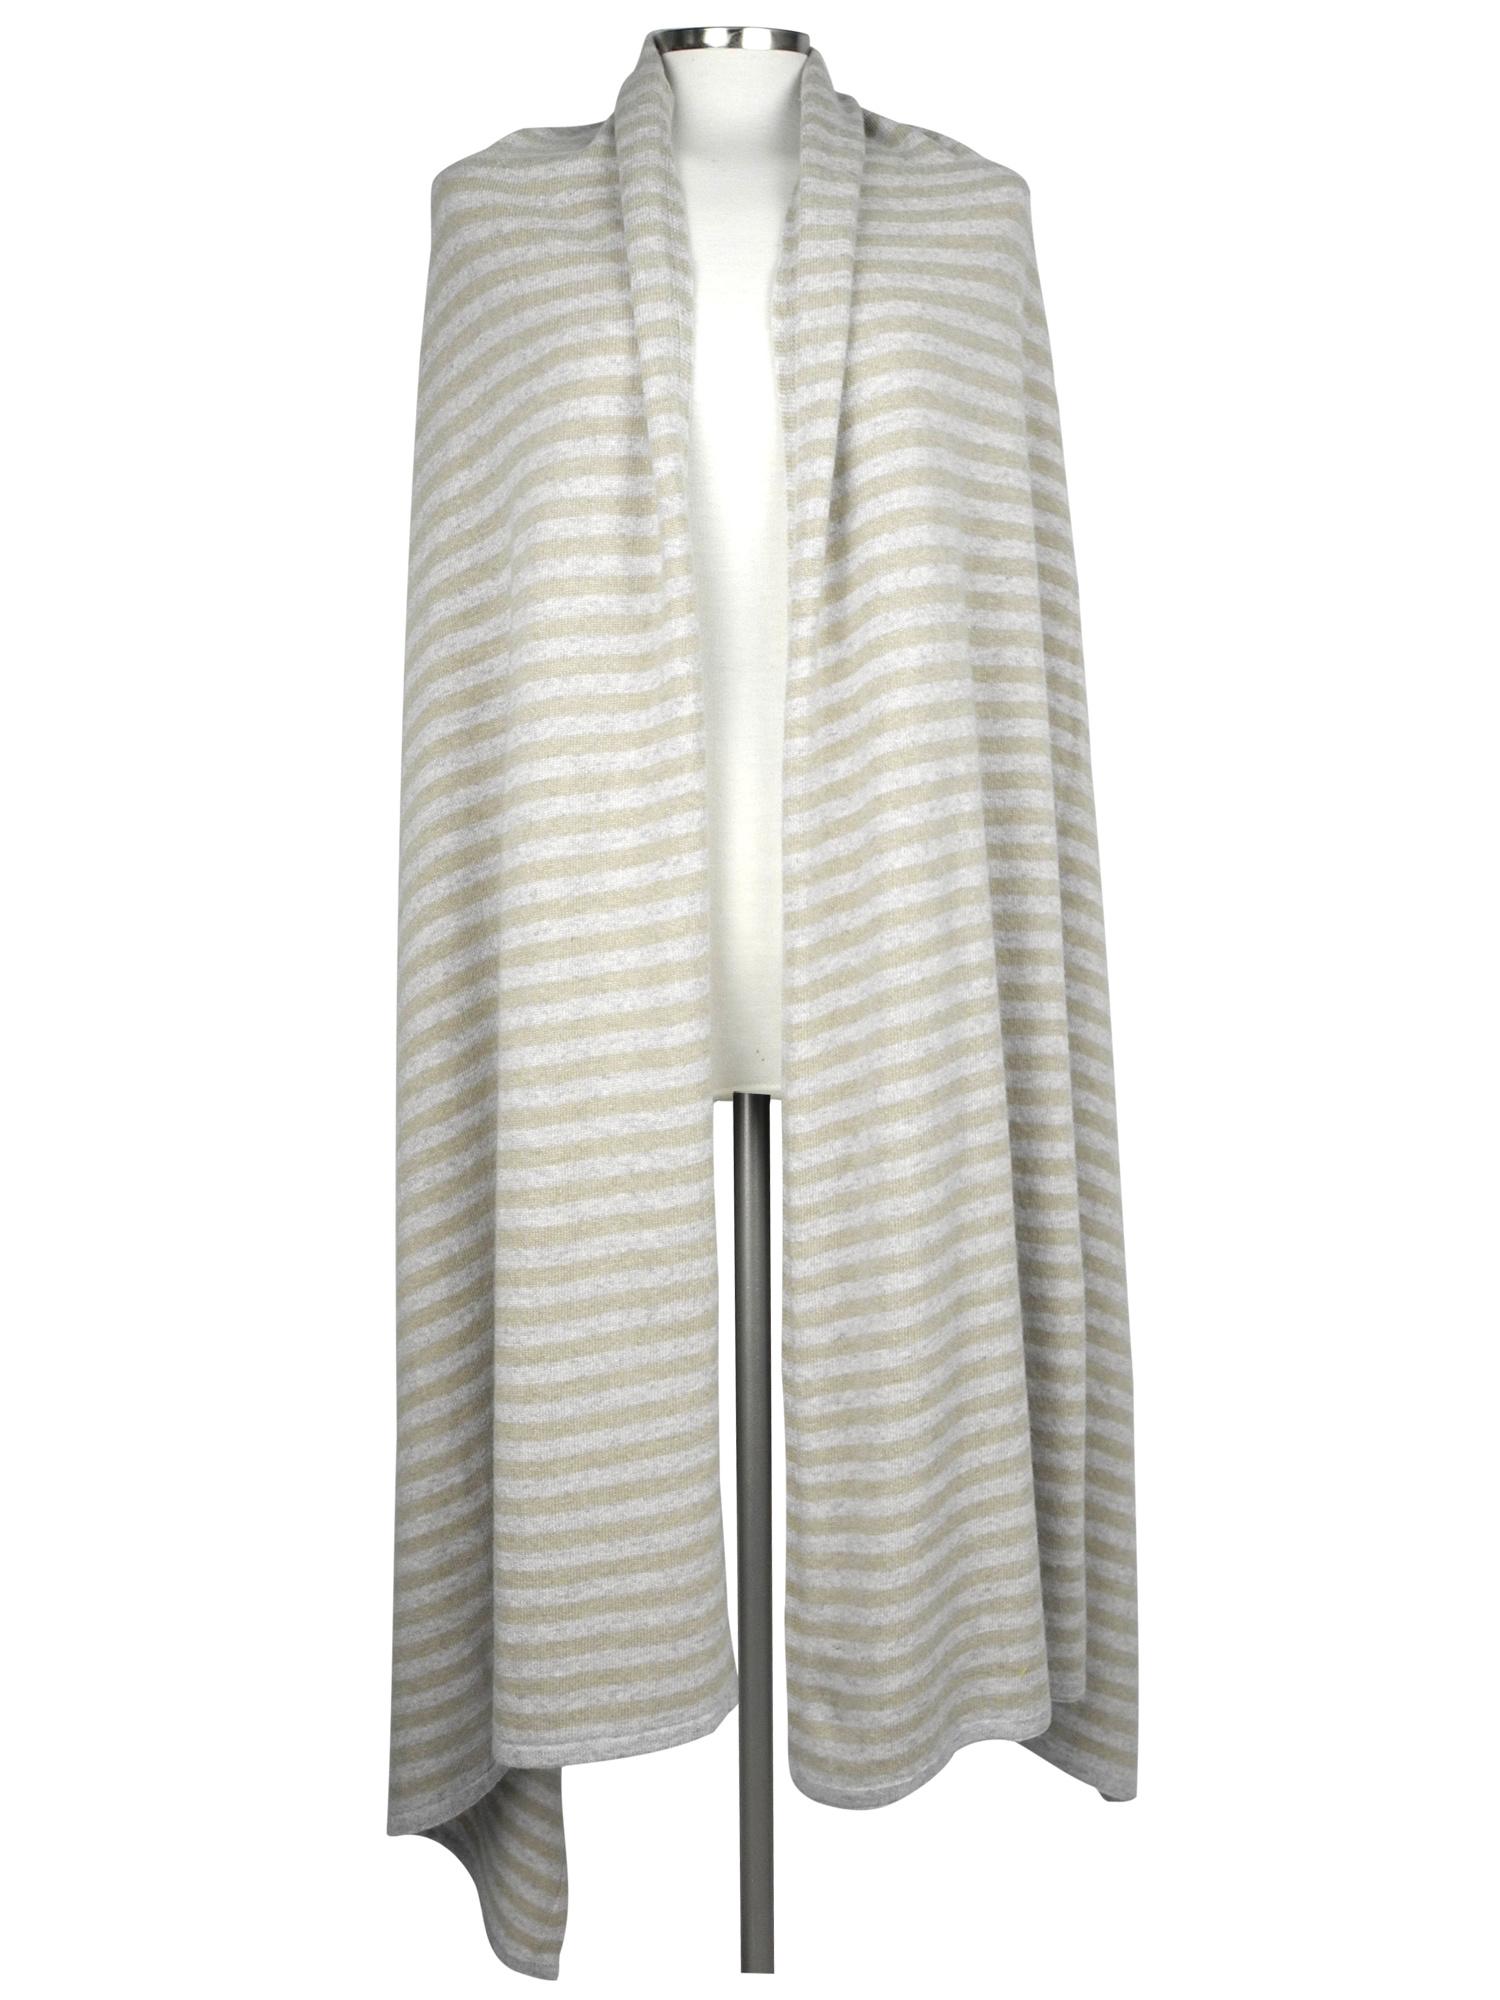 Sjaal SjaalMania Cosy Chic Stripes Grey - Sand